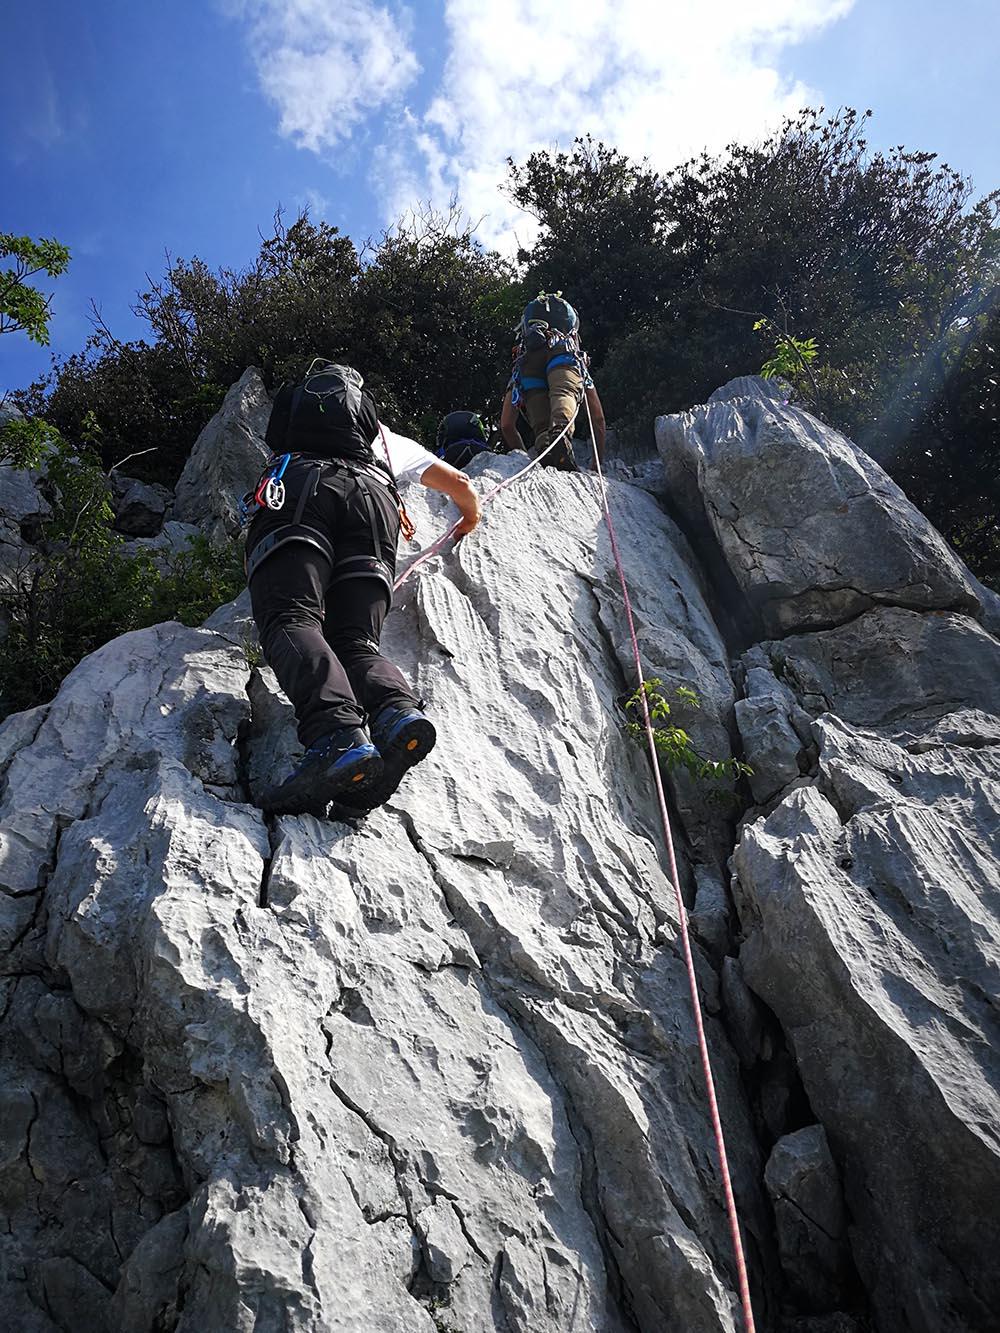 escursionisti esperti creste gaino